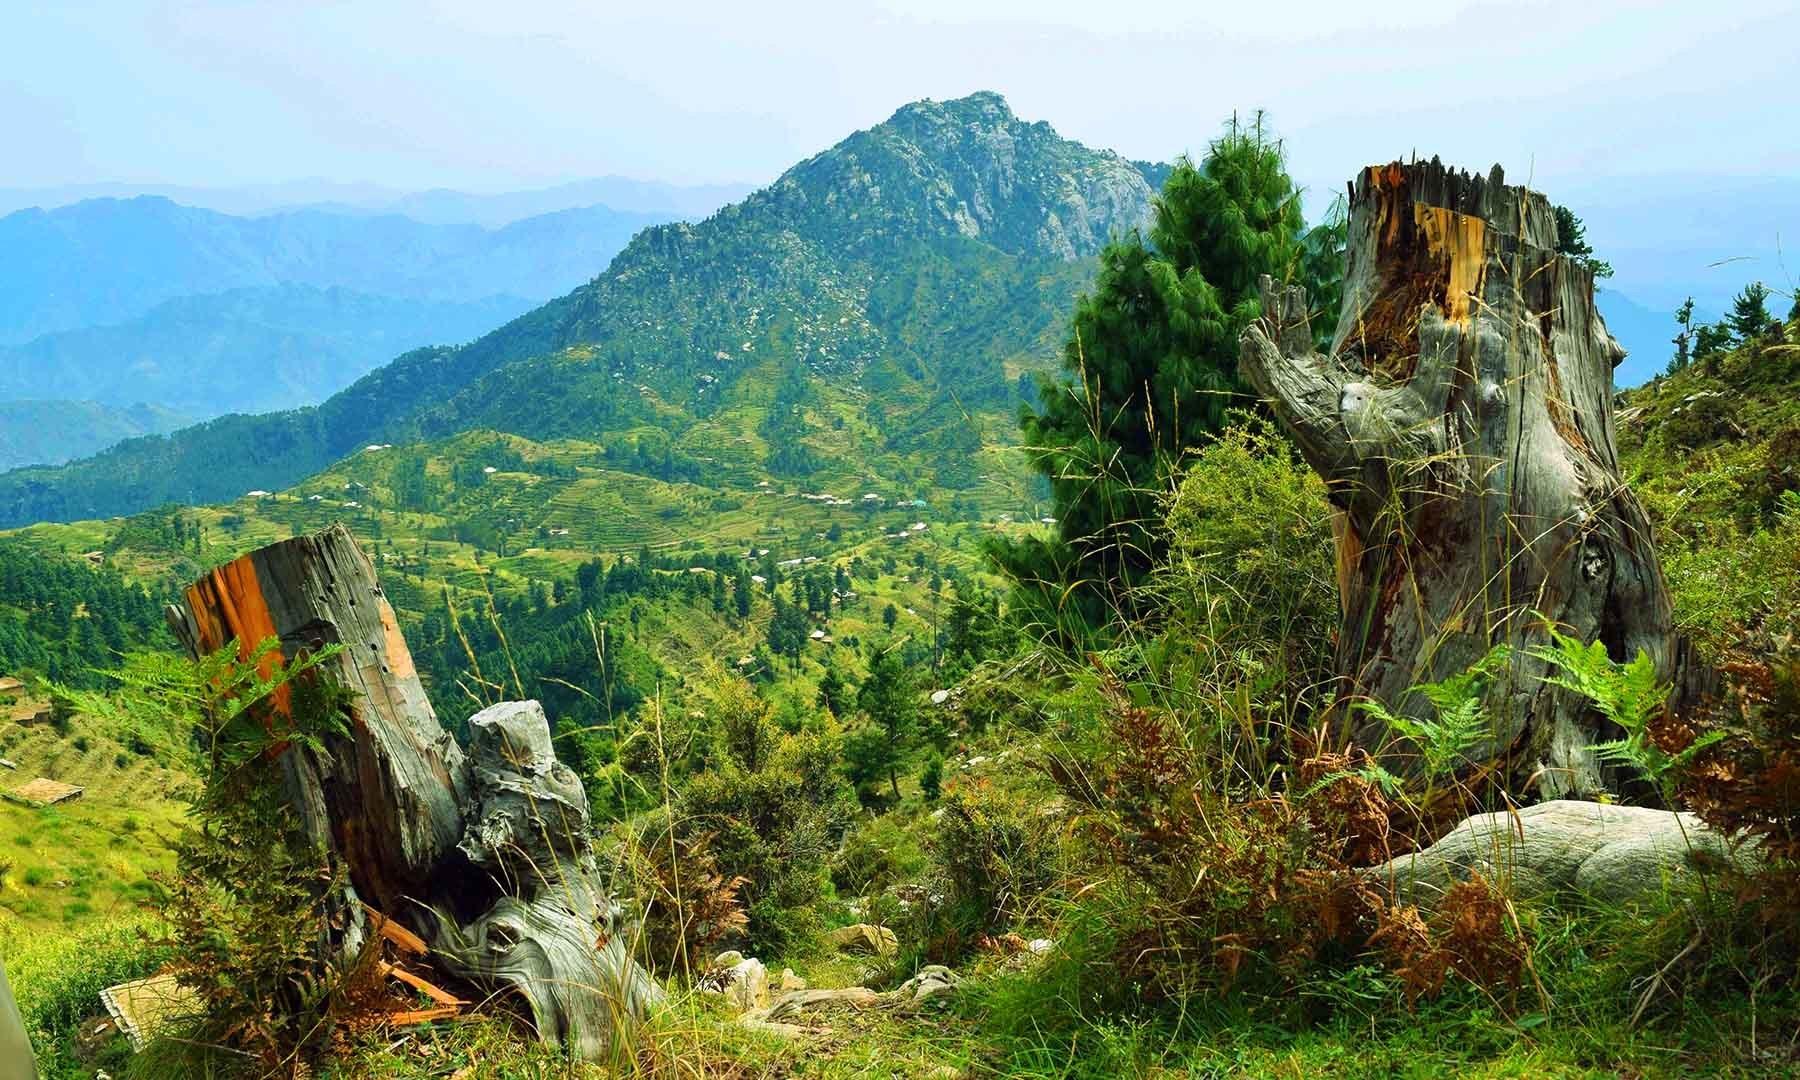 درختوں کی غیر قانونی کٹائی کا ایک اور منظر۔